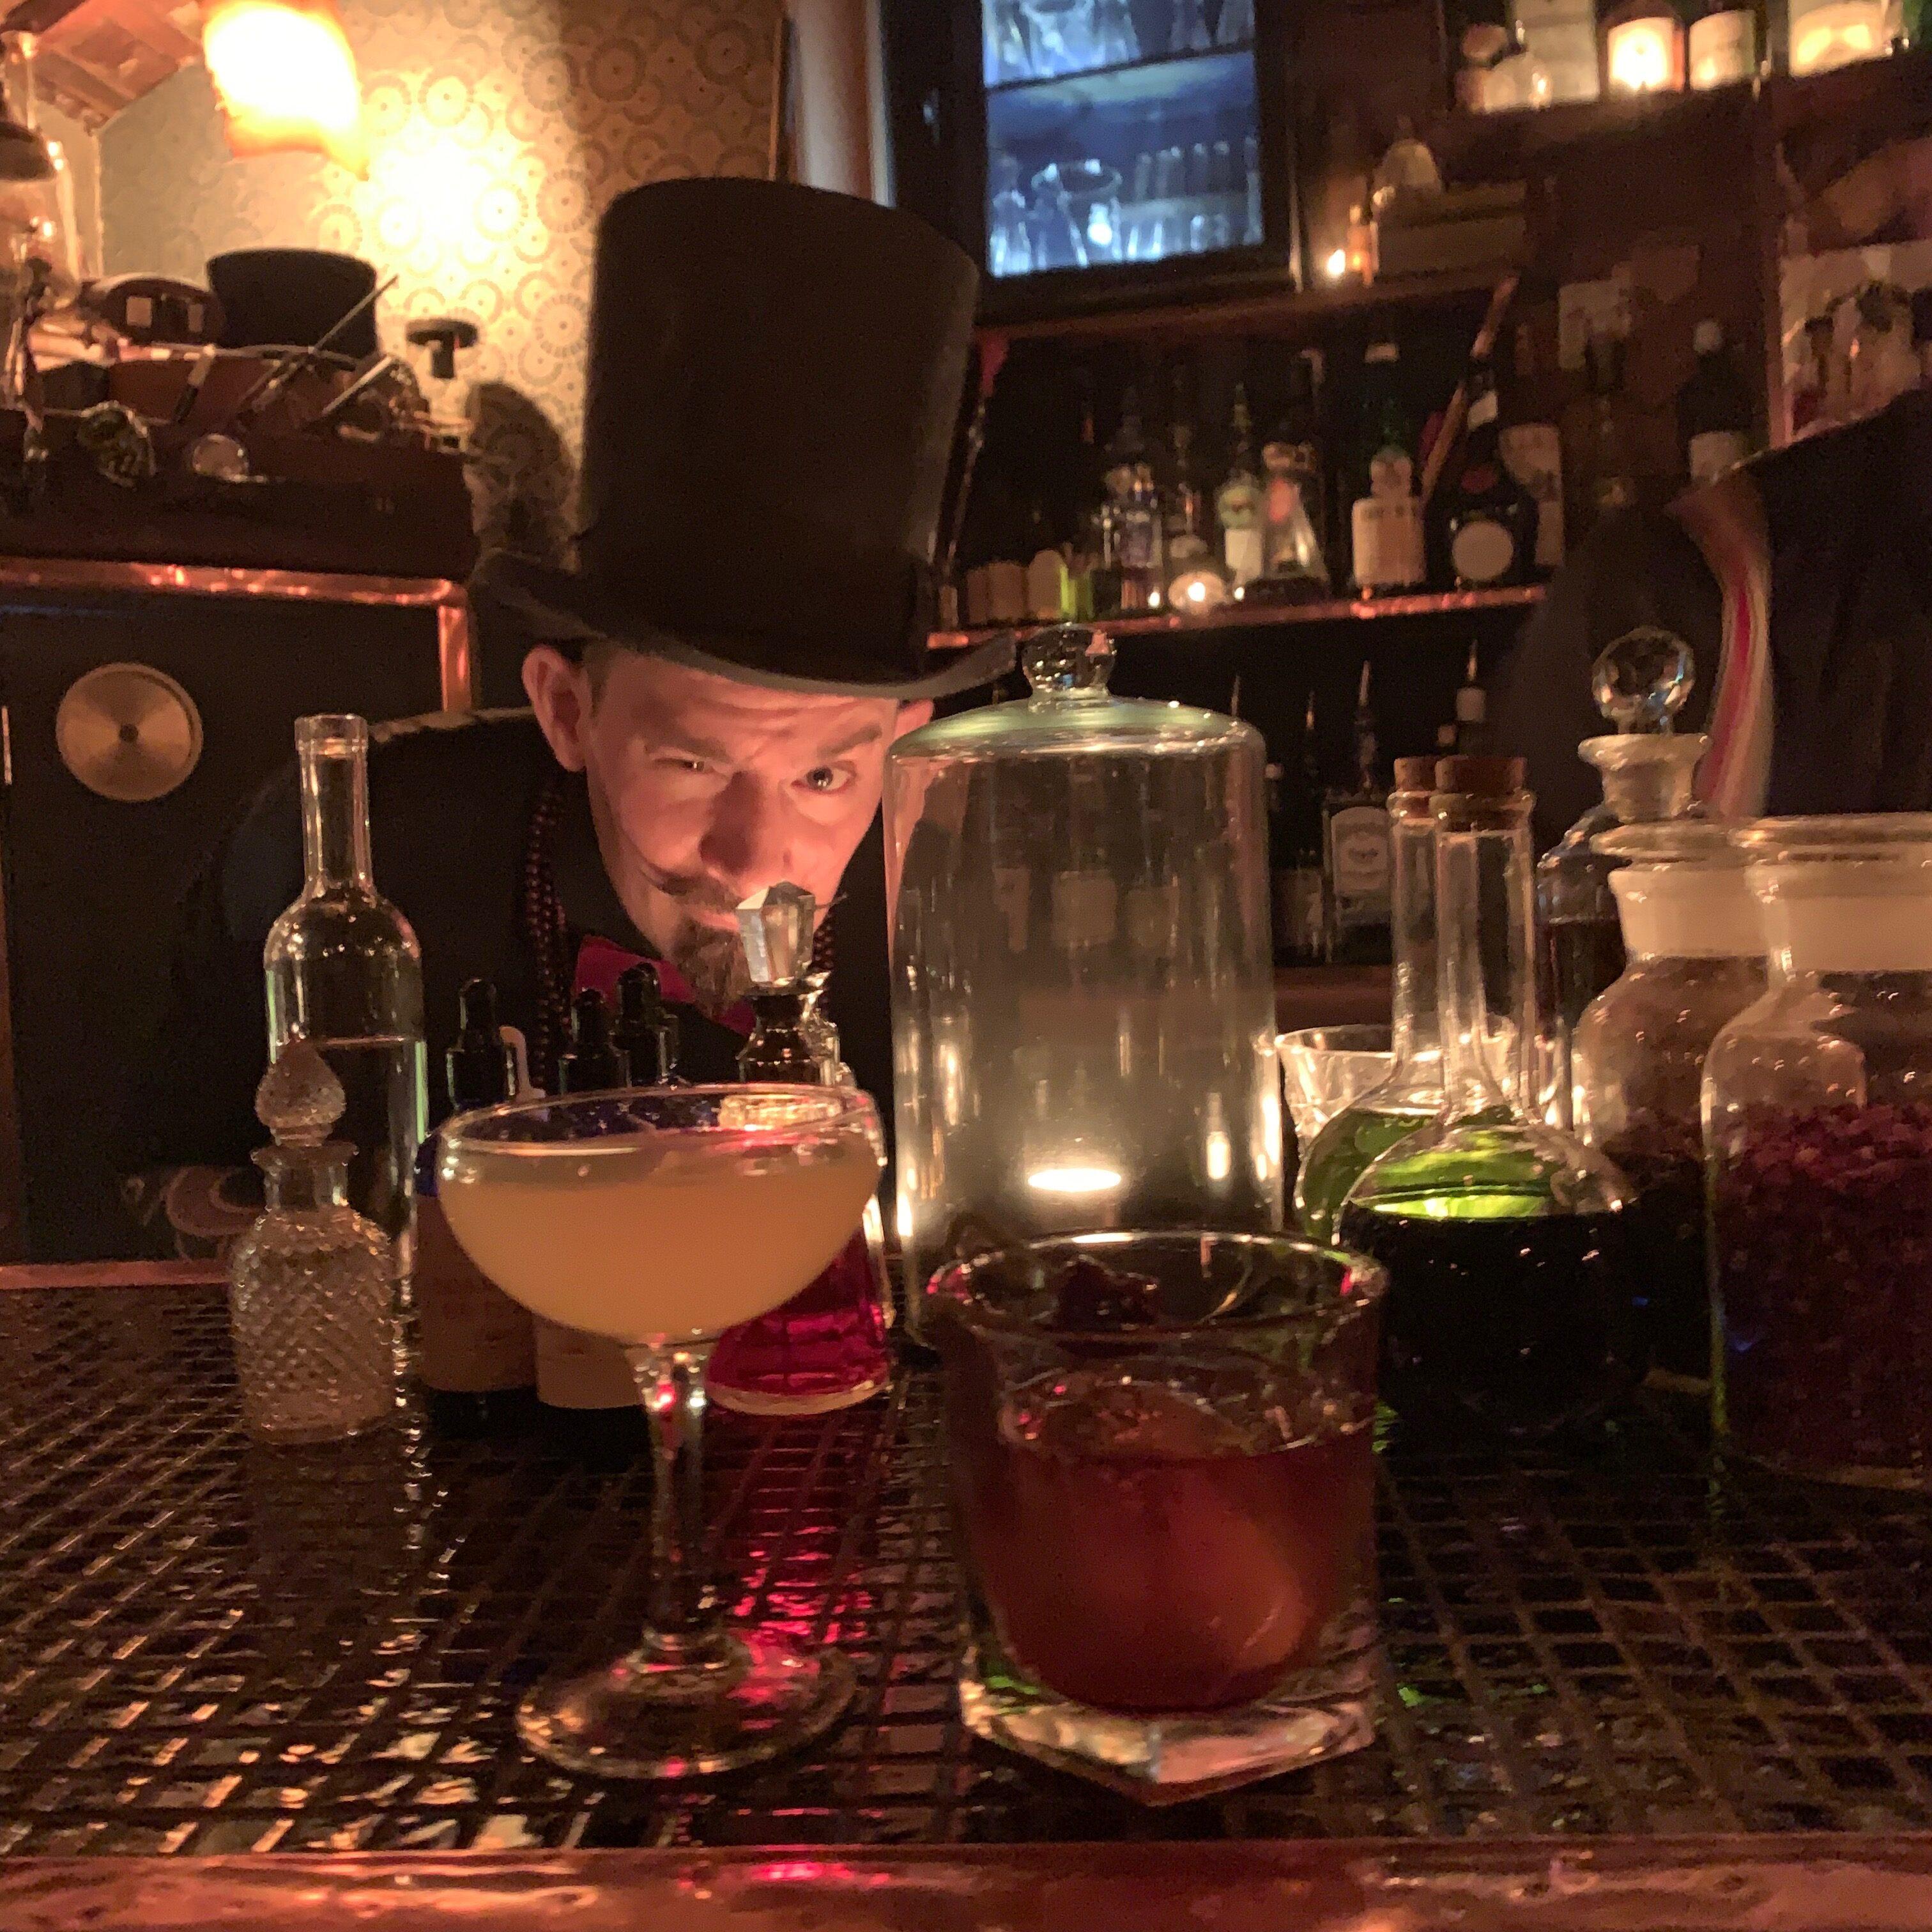 祇園四條必去的Magic Bar- l'escamoteur bar